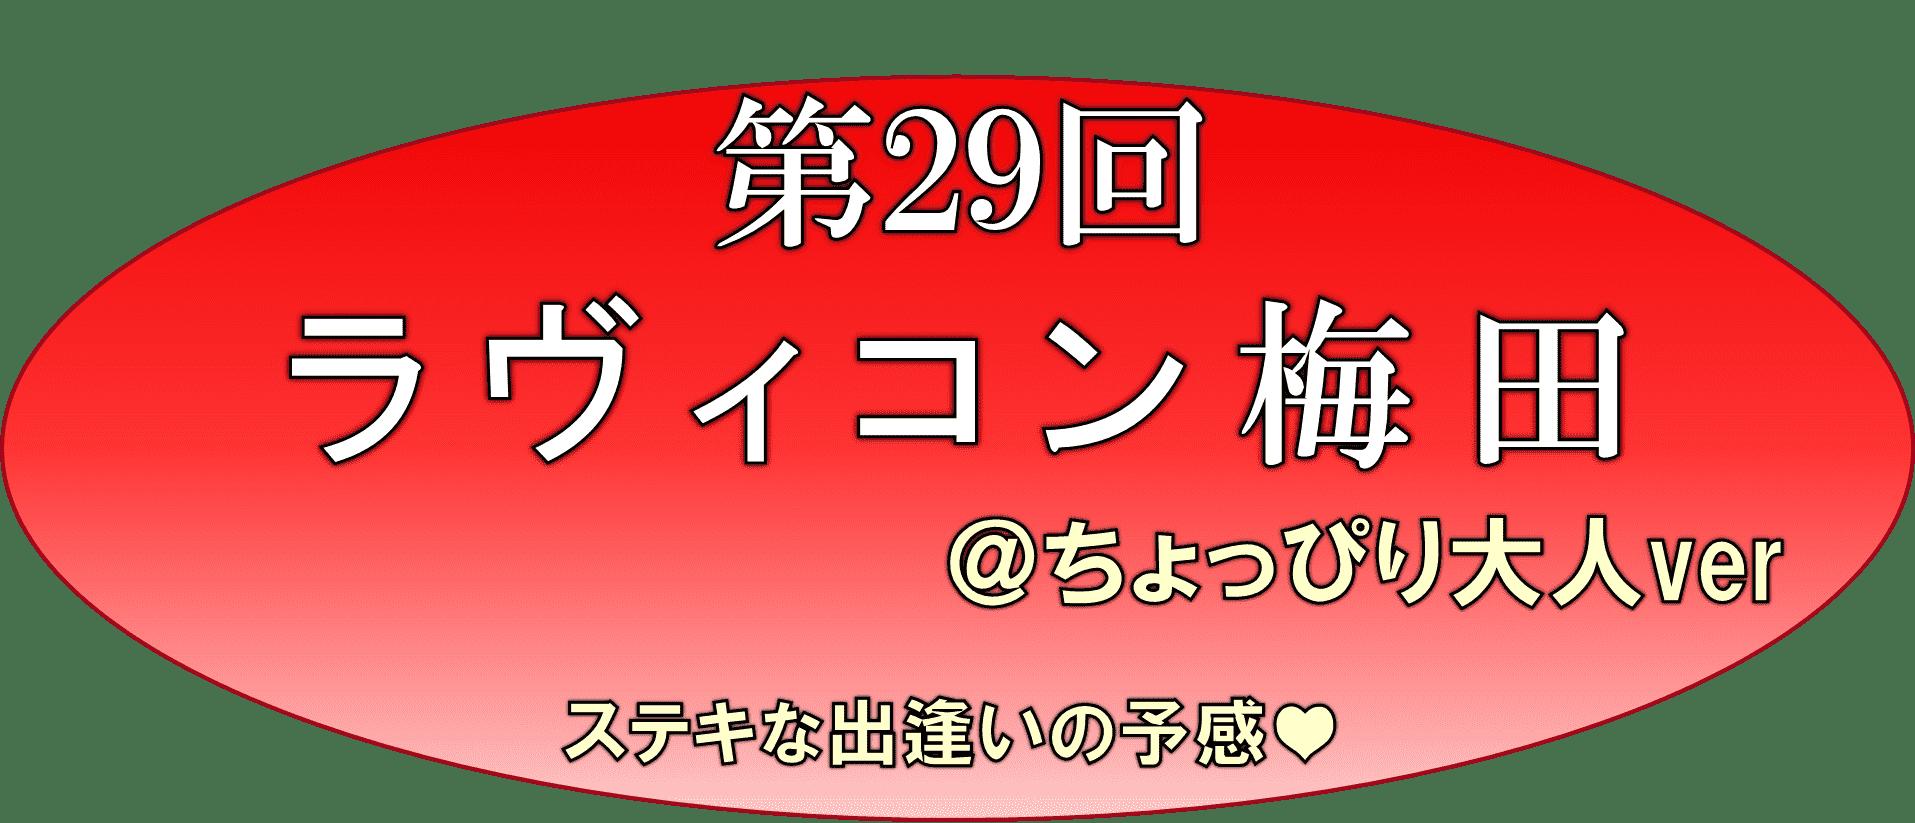 29図08